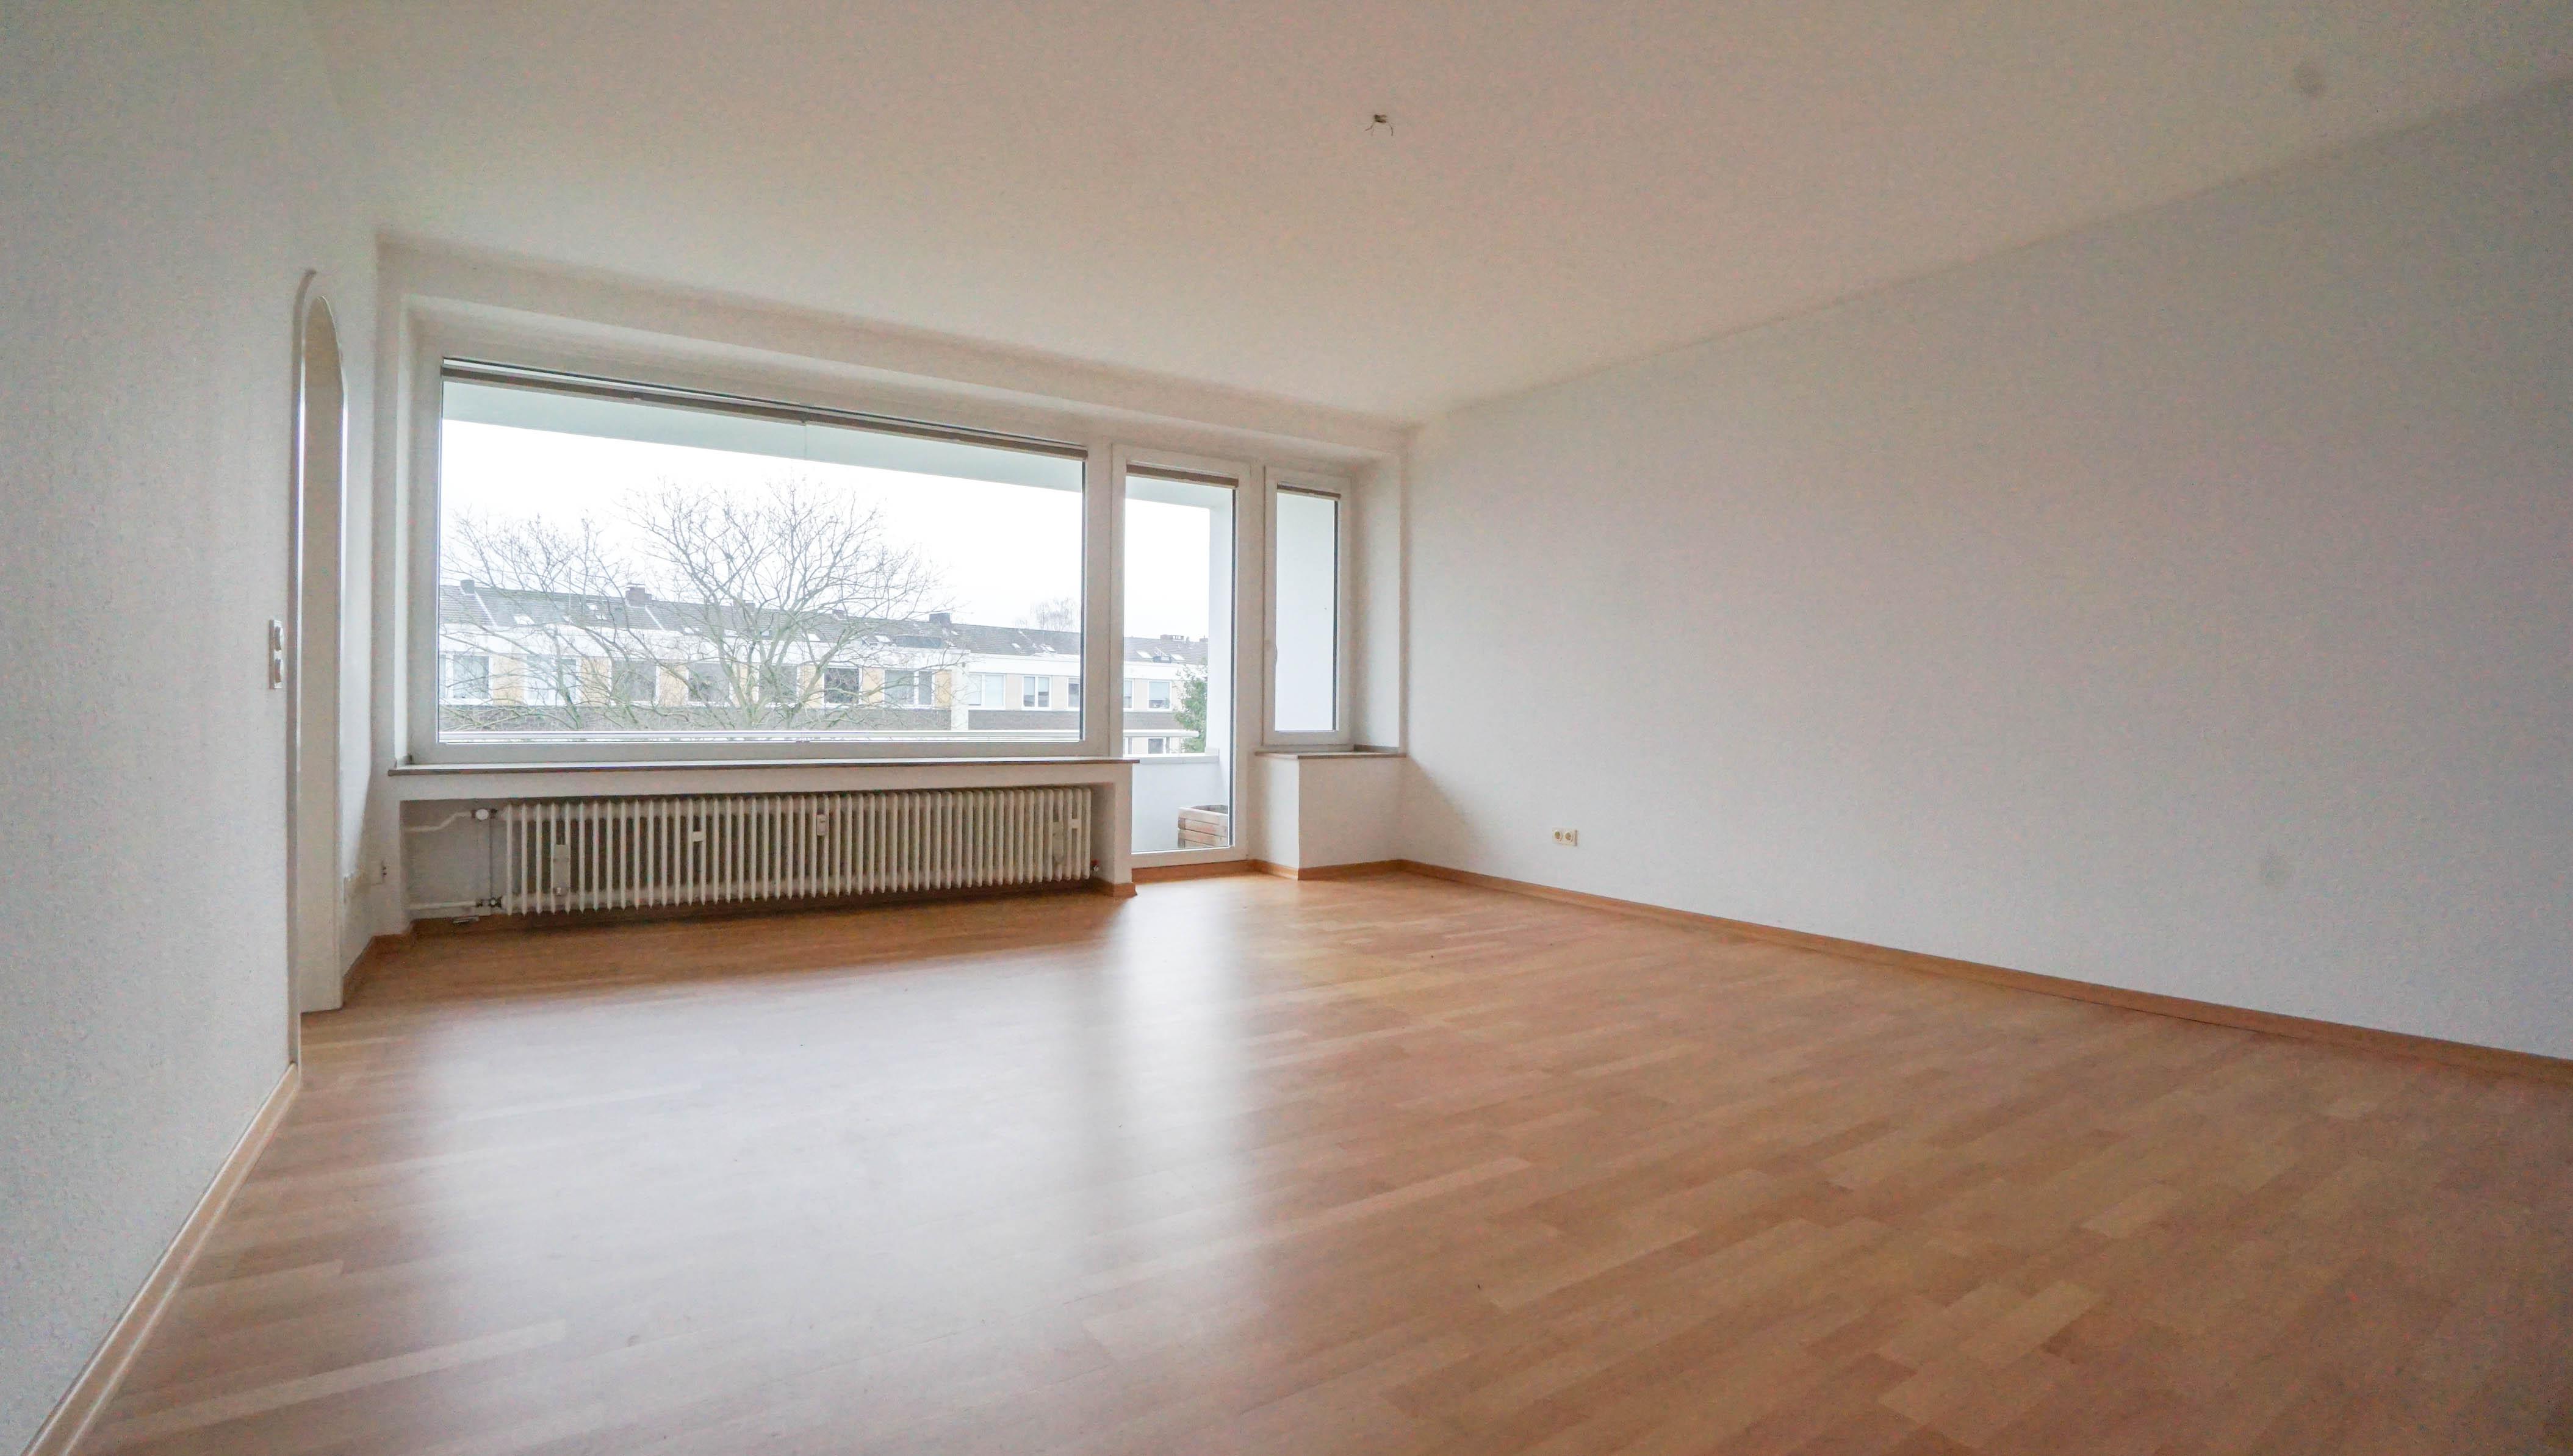 Lichtdurchflutete 3-Zimmer-Wohnung mit Balkon in Düsseldorf-Oberkassel